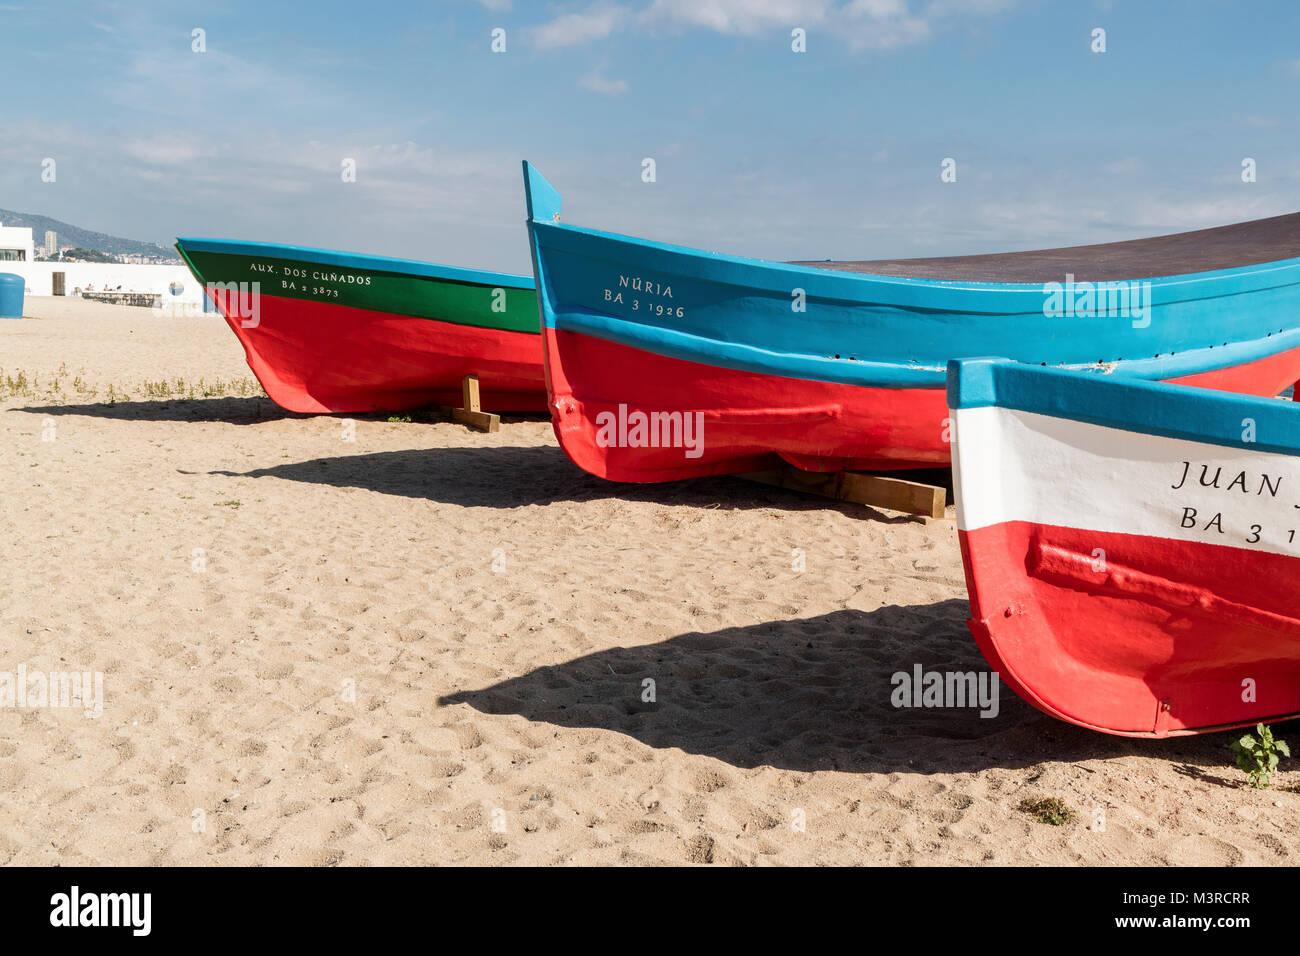 Blanes an der Costa Brava mit seinem schönen, hellen Sandstrand, Boote am Strand - Stock Image